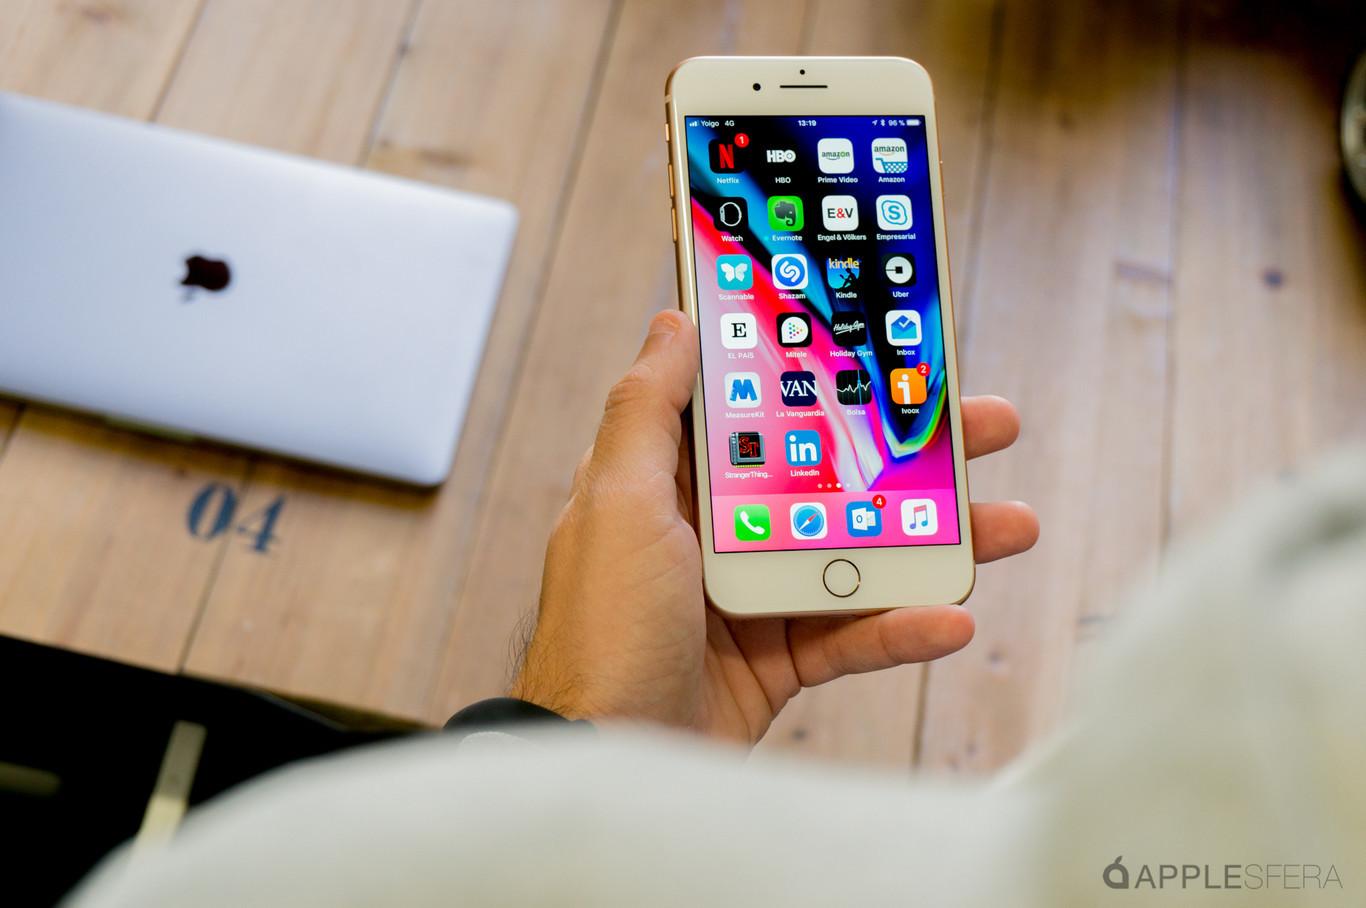 b55e9183dc0 Comprar iPhone en EEUU y usarlo en España: todo lo que necesitas saber